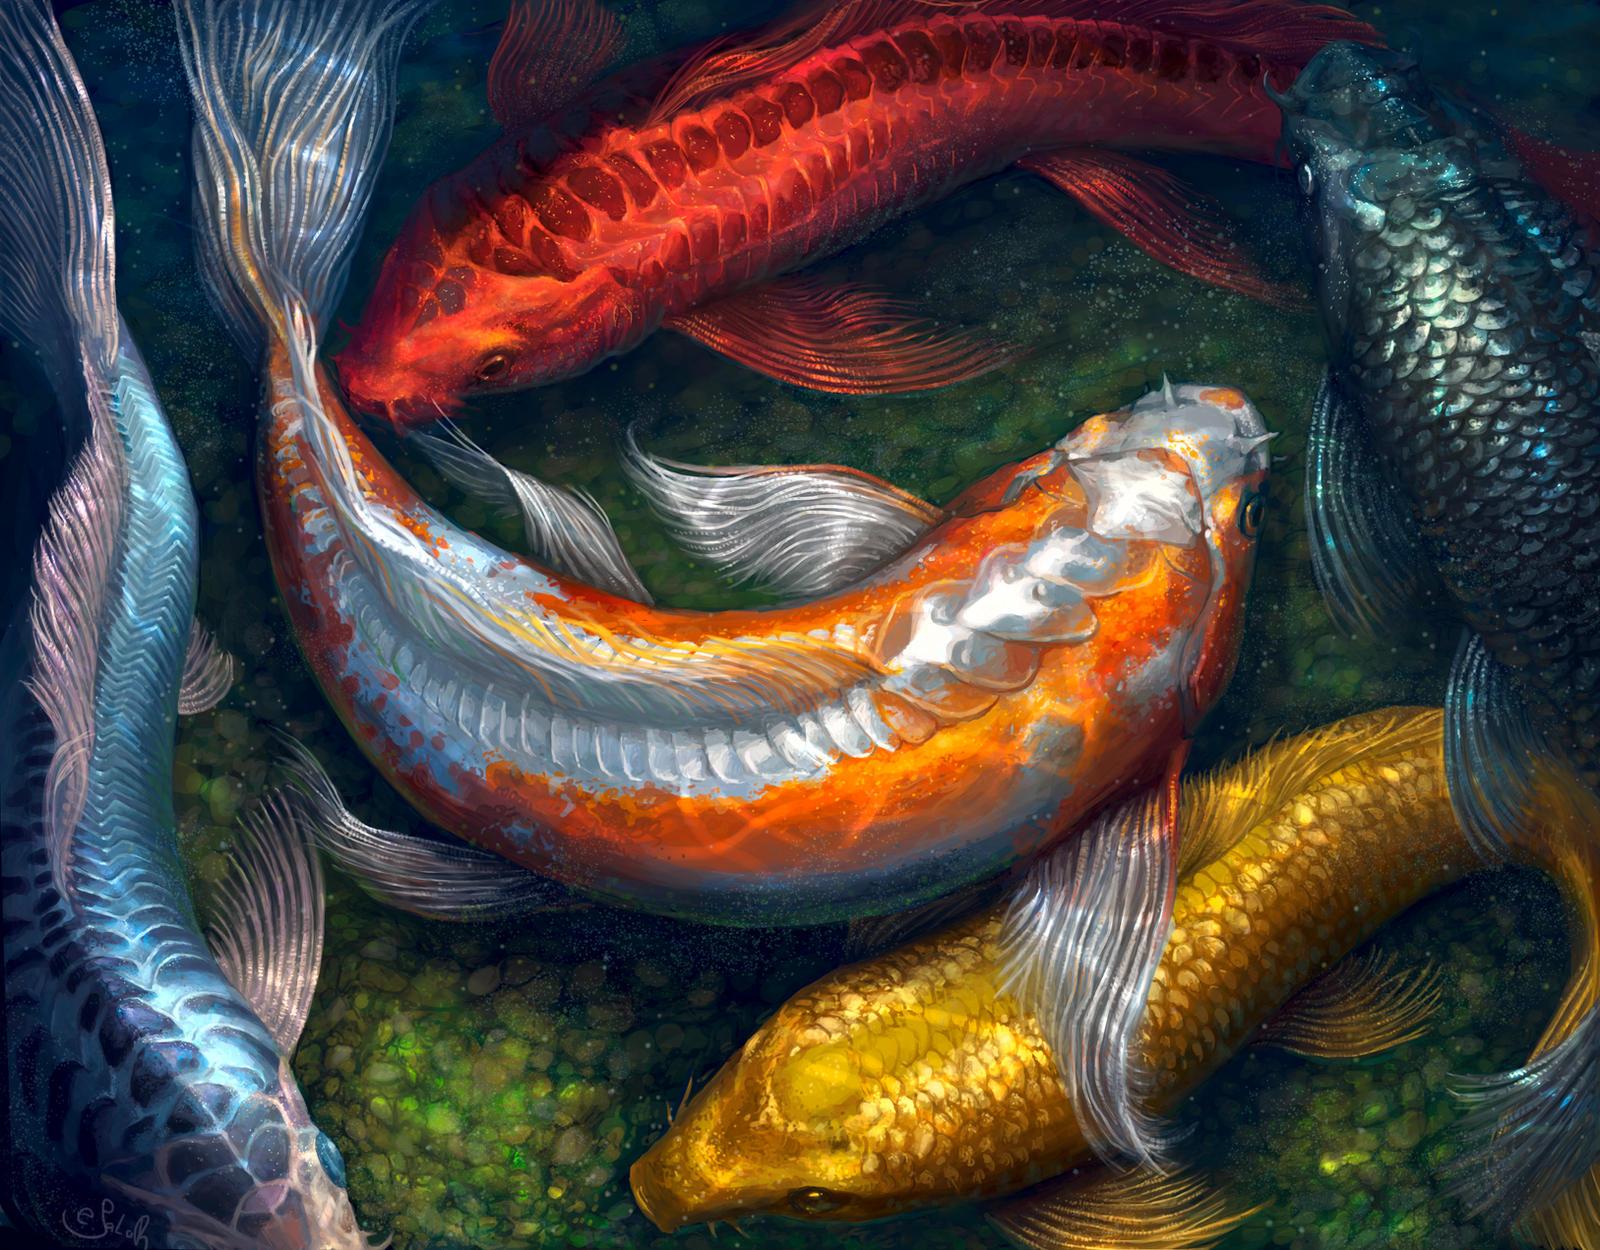 Rainbow koi pond 2 by sarahlyyn on deviantart for Koi pond art